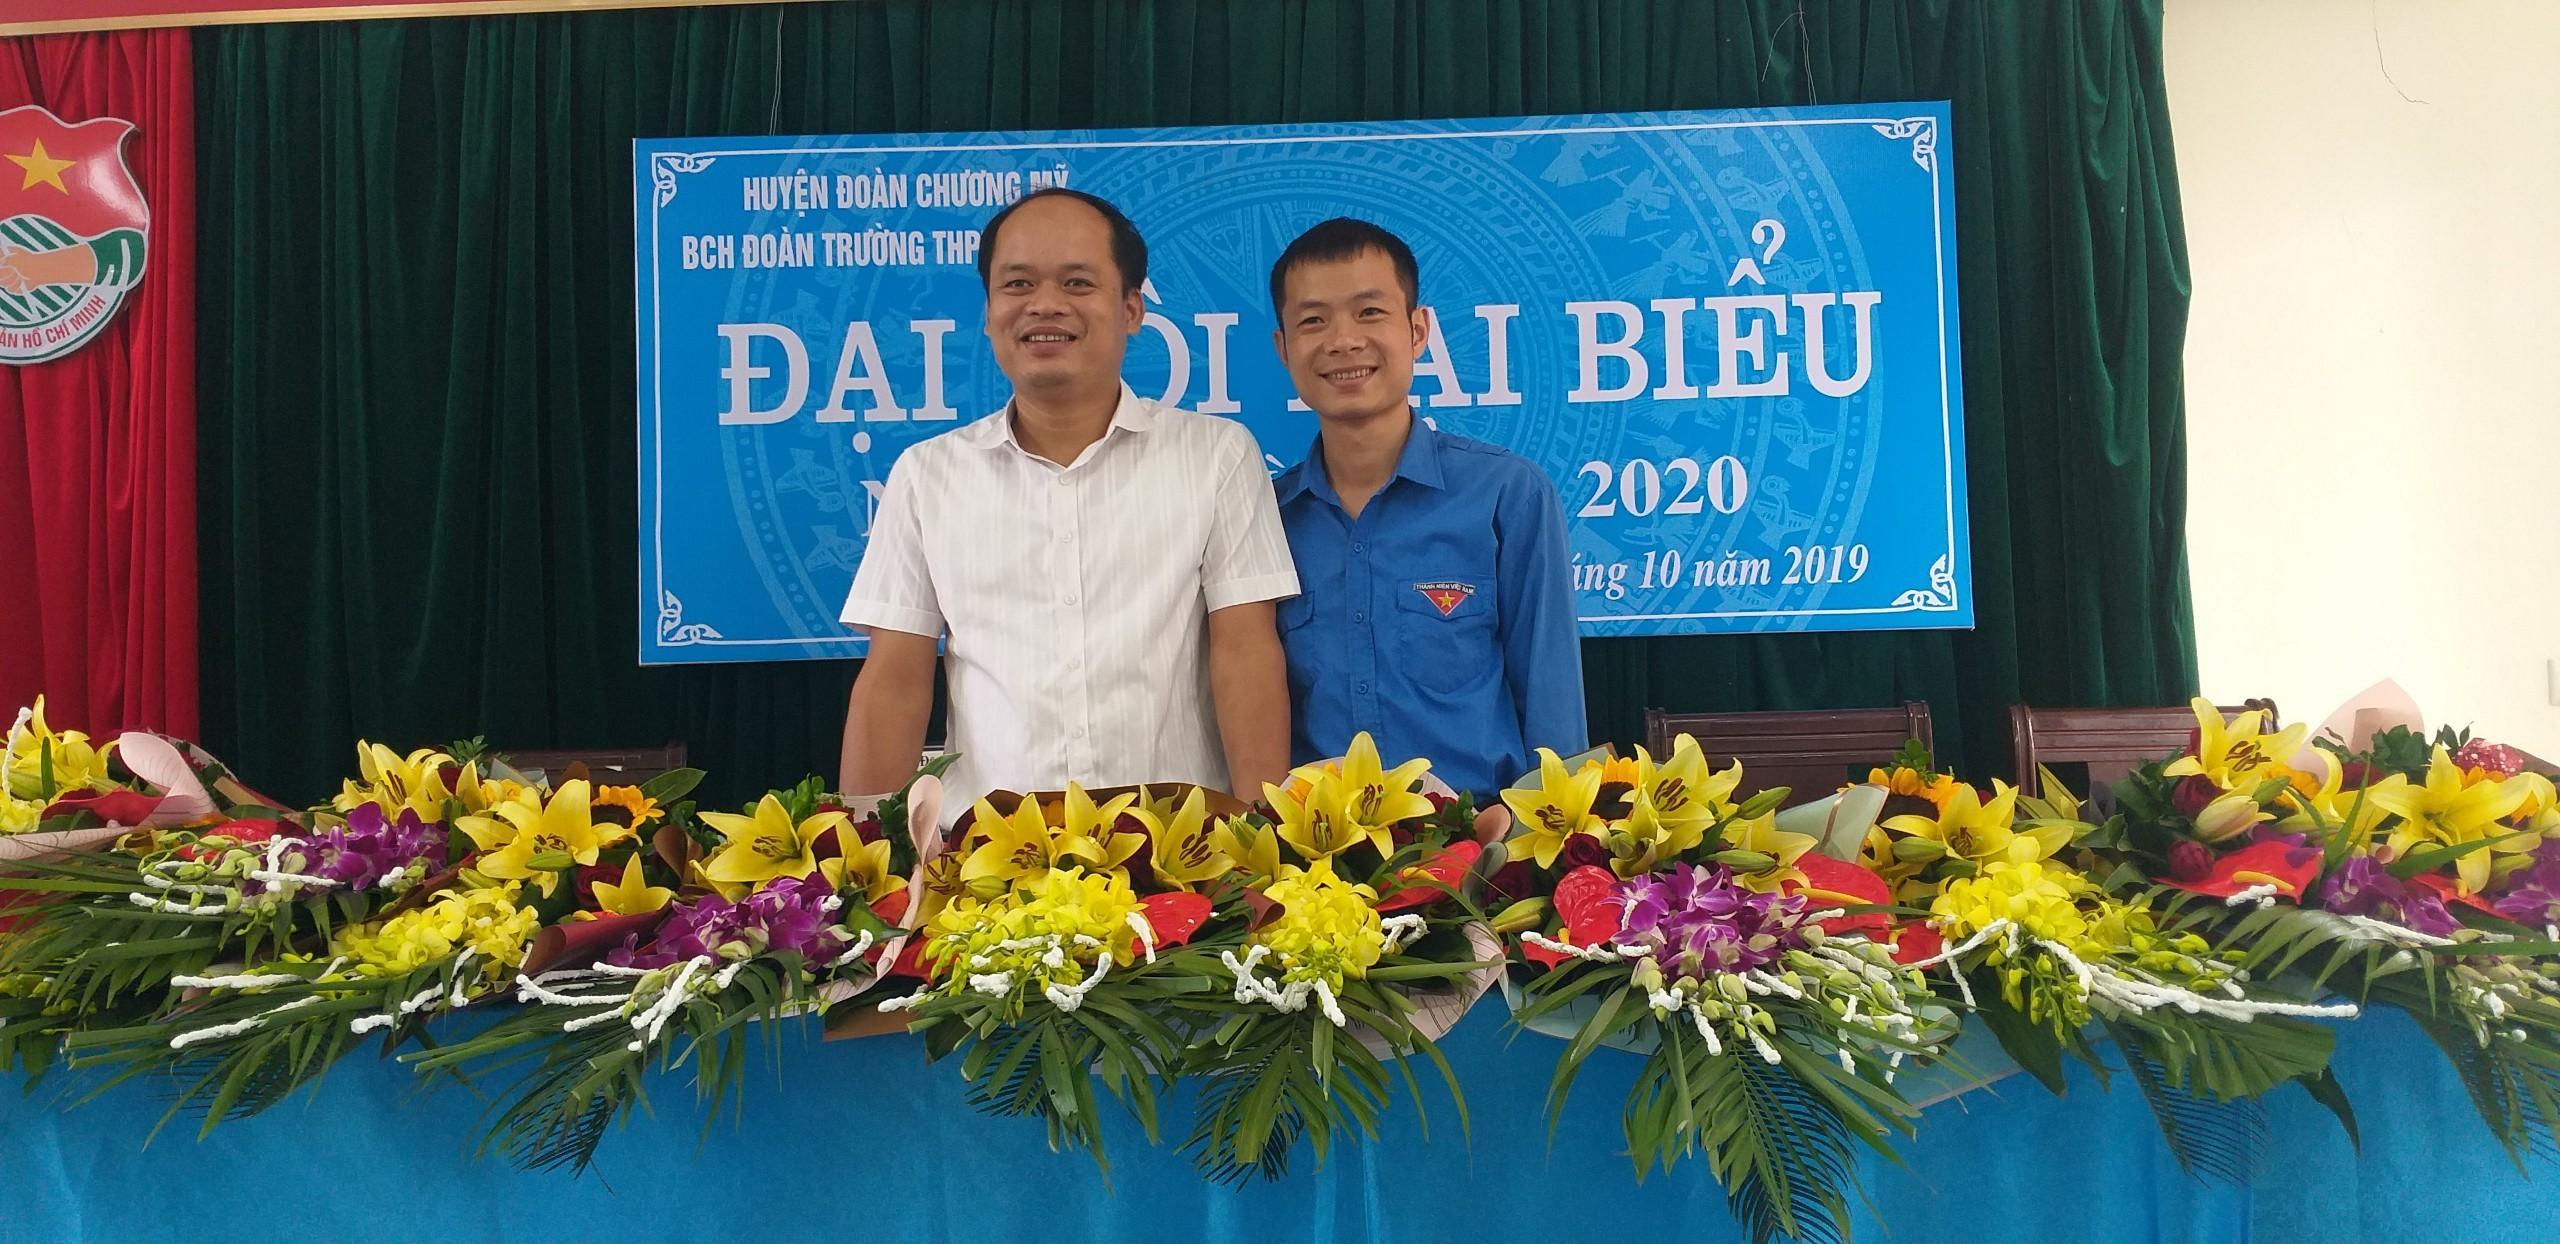 Đại hội đoàn TNCS Hồ Chí Minh nhiệm kỳ 2019-2020